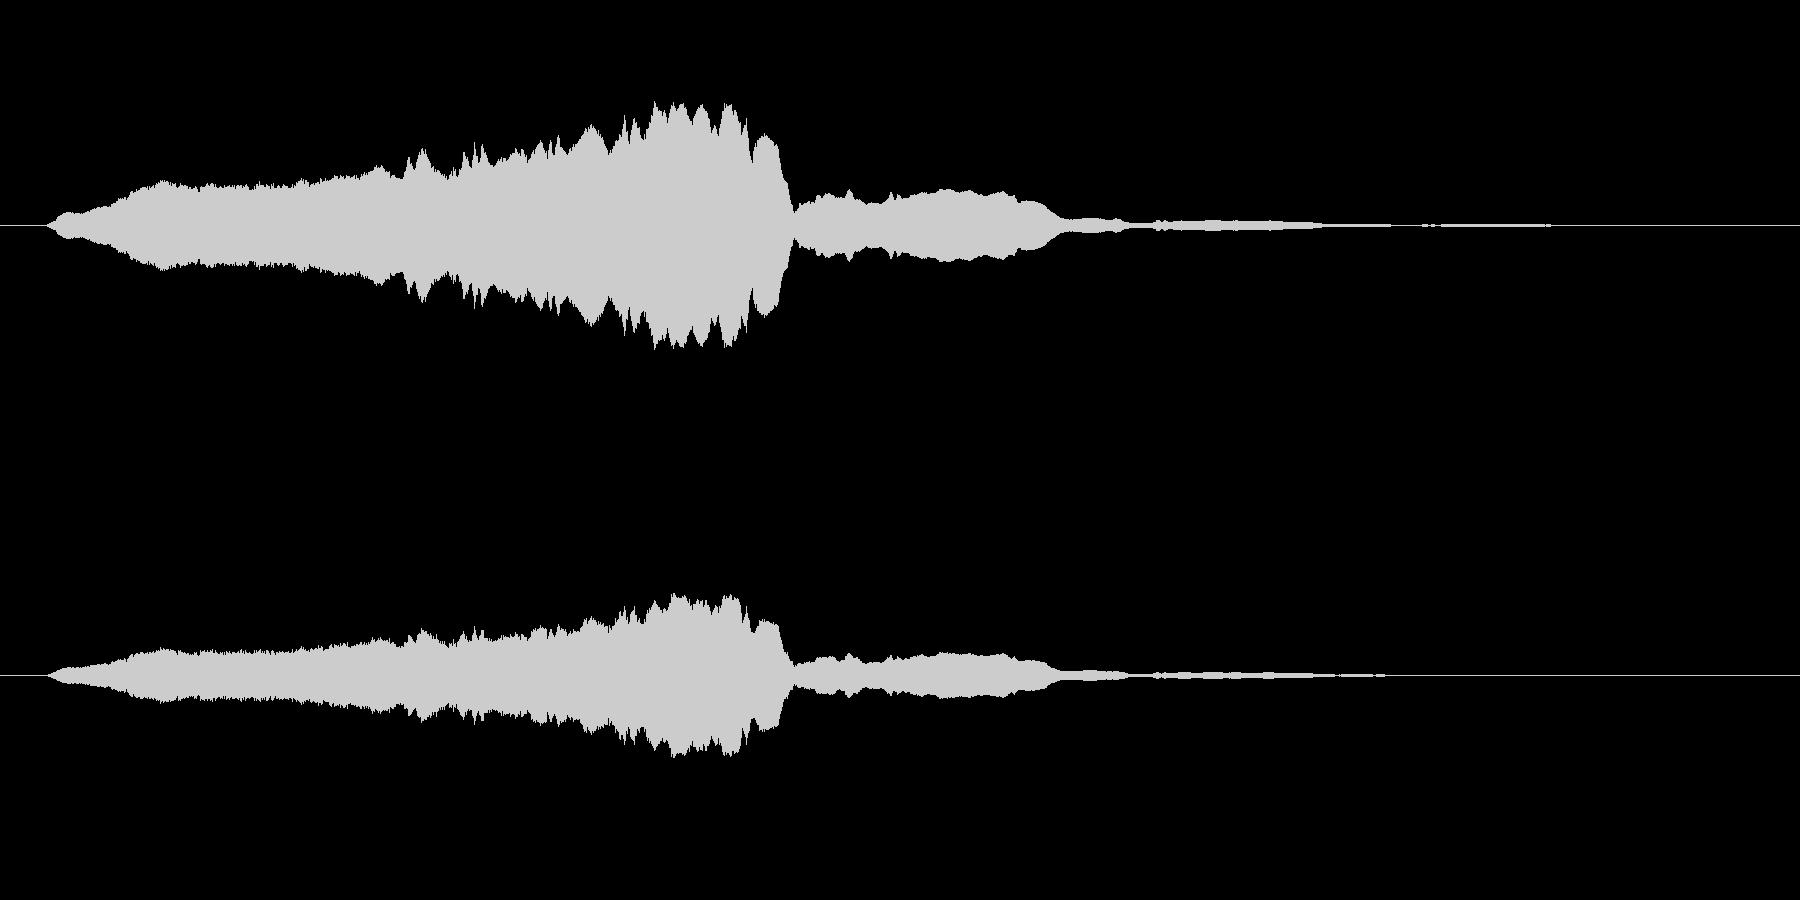 【ブーン】という蚊が飛ぶ音の未再生の波形